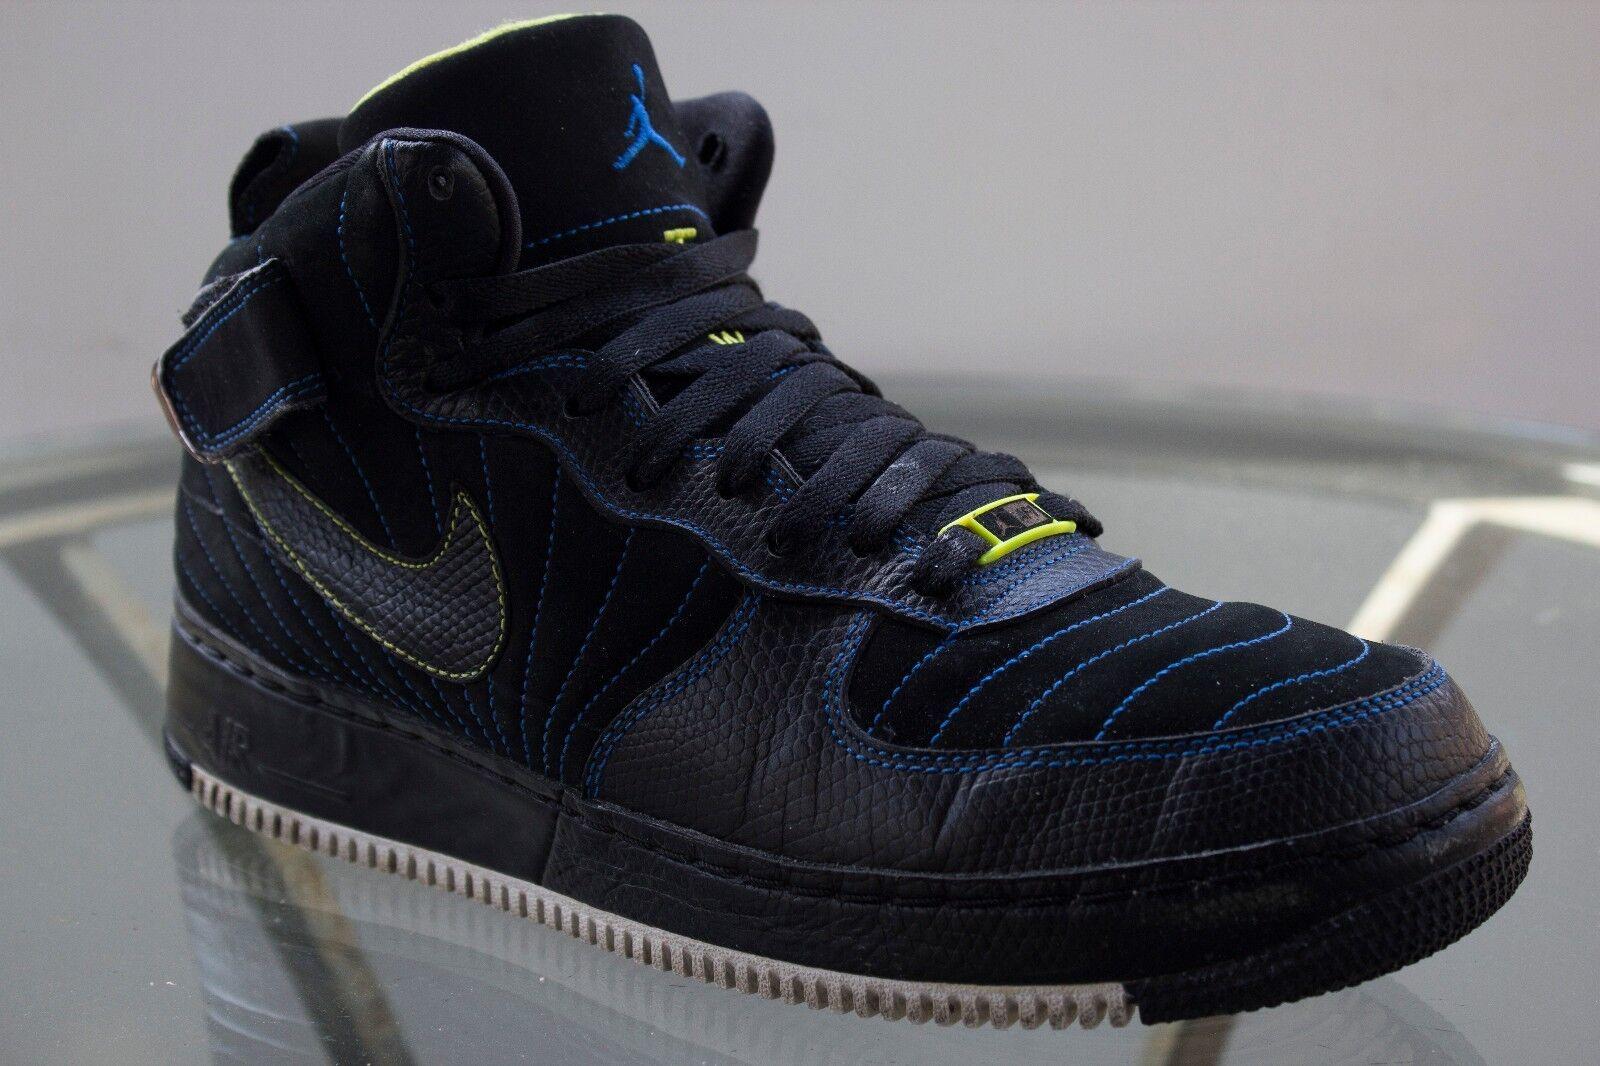 Nike Air Jordan ajf-1 del negro de los hombres del ajf-1 zafiro azul retro XII 2018 SZ 10 214fa4